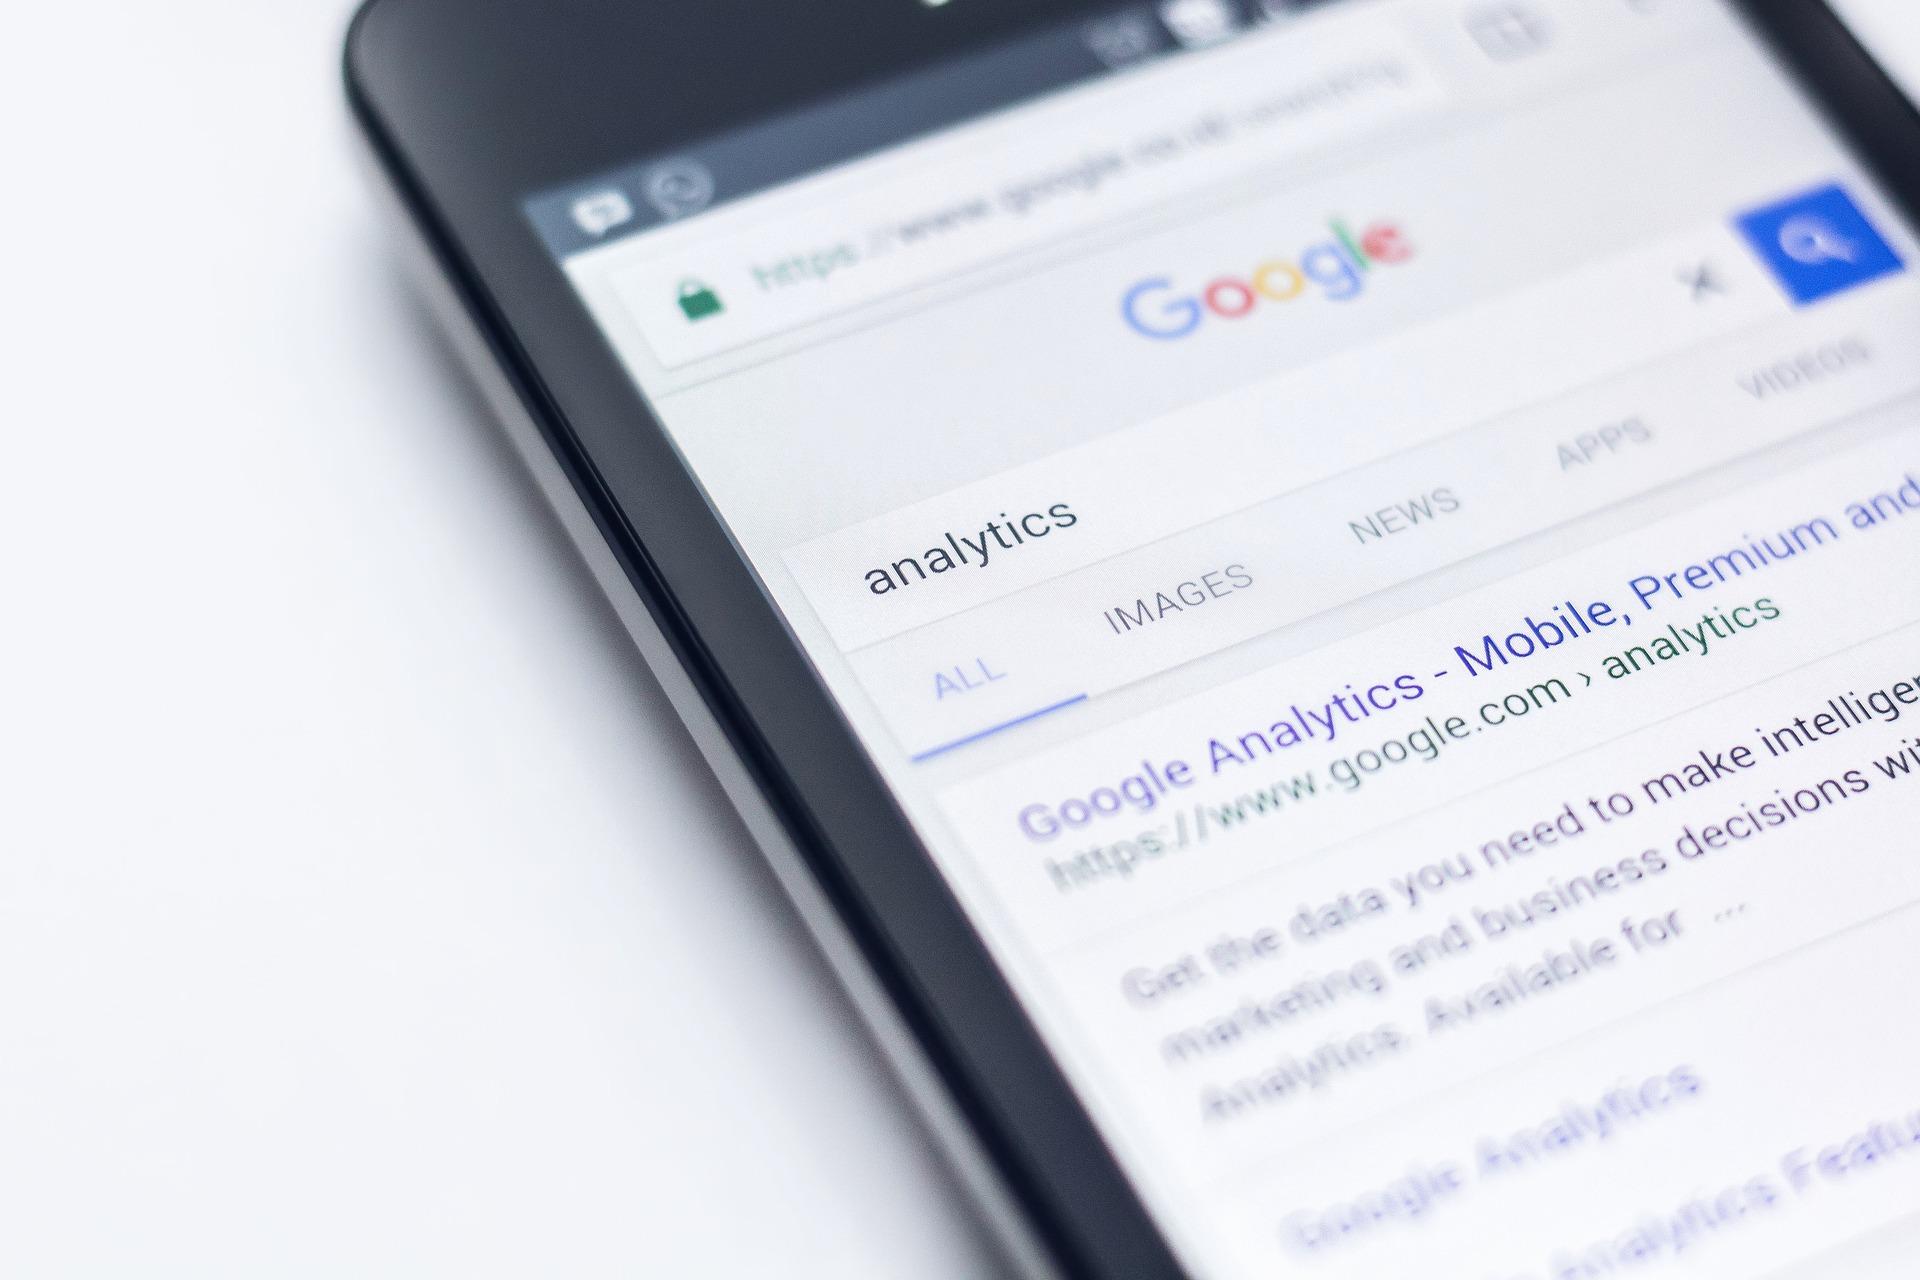 今すぐ記事をGoogle検索結果から消せるURL削除ツールの使い方